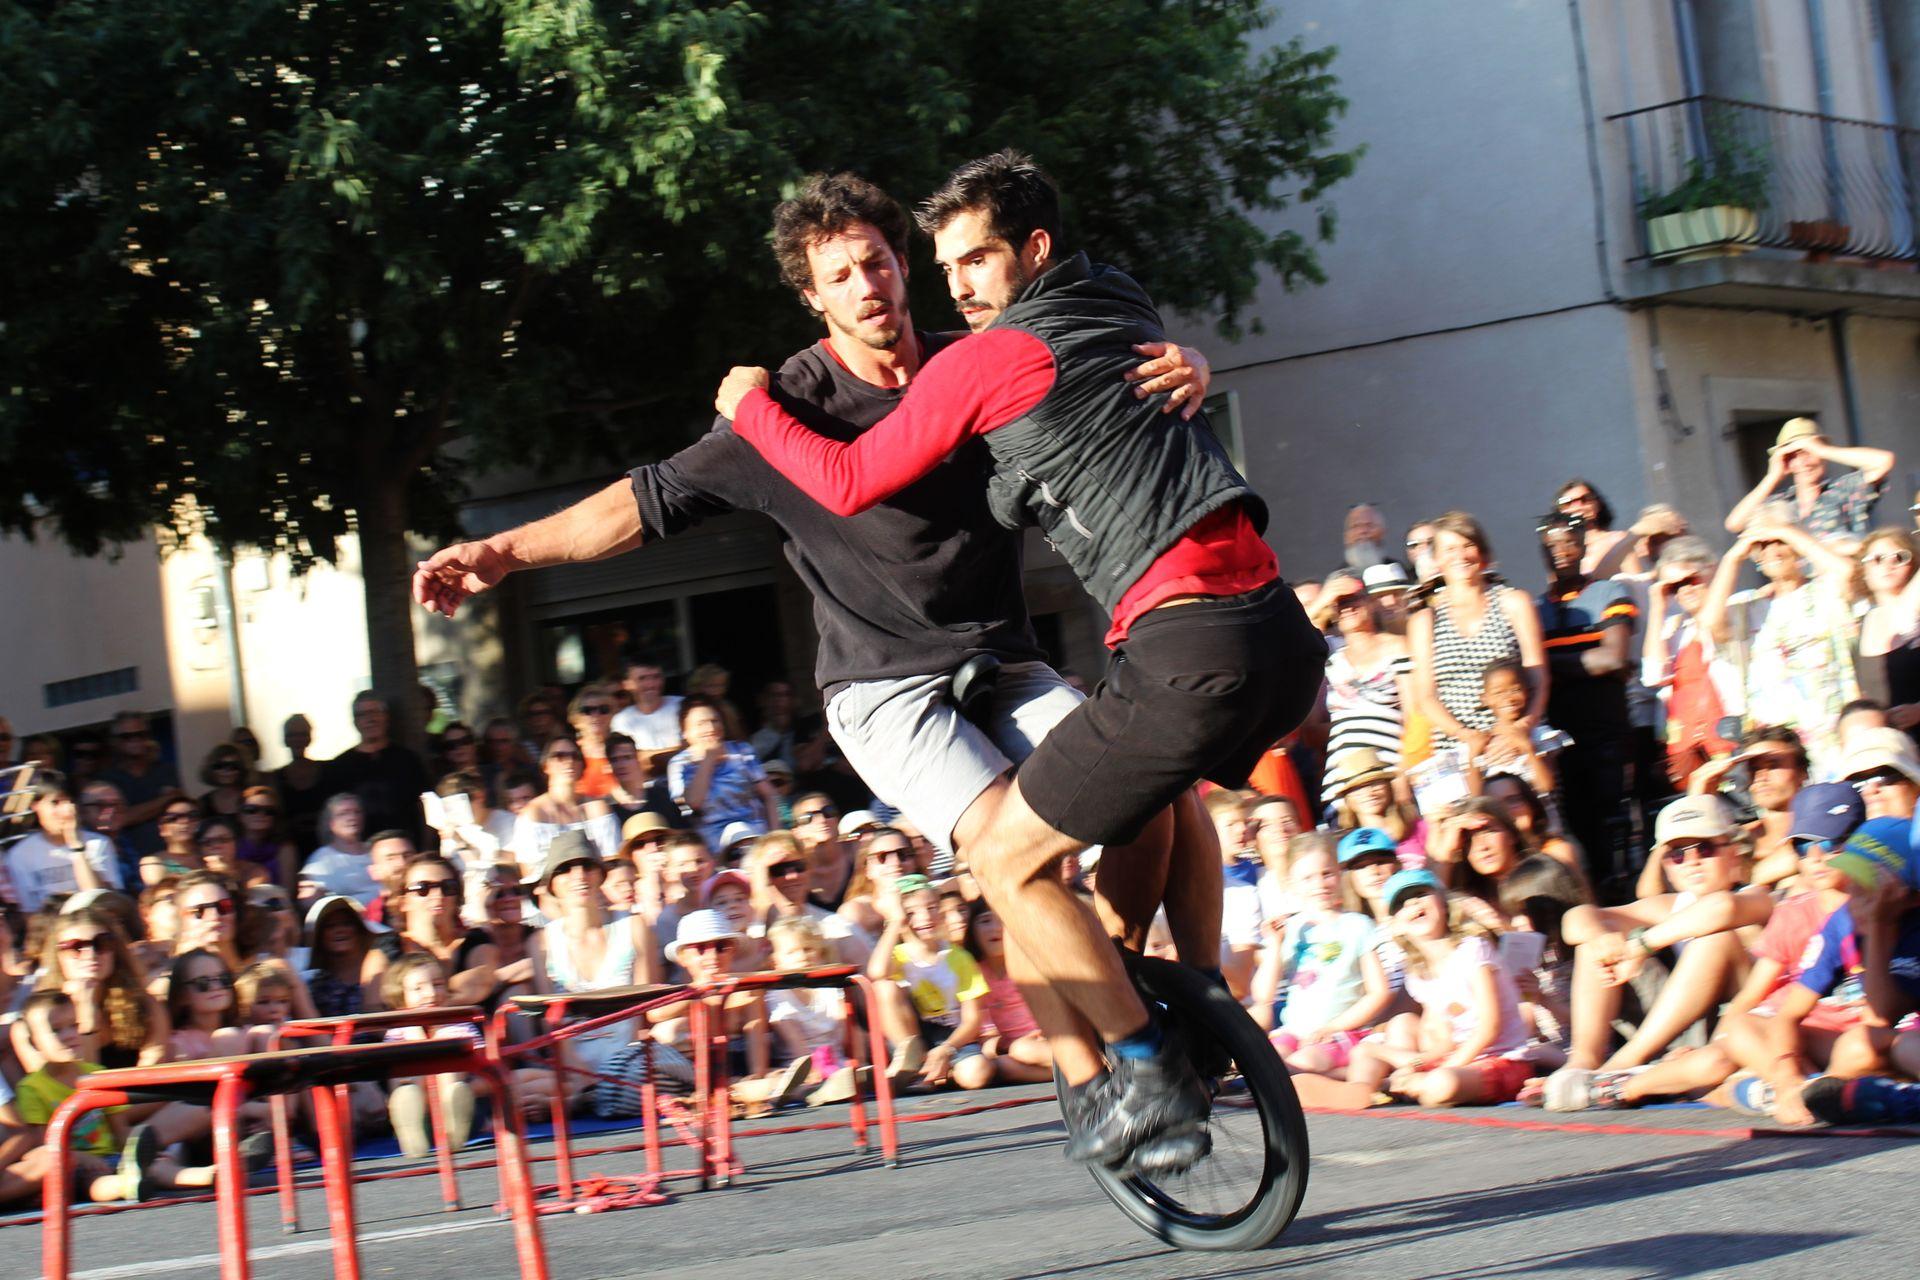 Duo d'acrobates du cirque Bankal en train de pédaler sur une même roue devant des spectateurs en famille sur une place de Lodève lors du Festival Résurgence en été